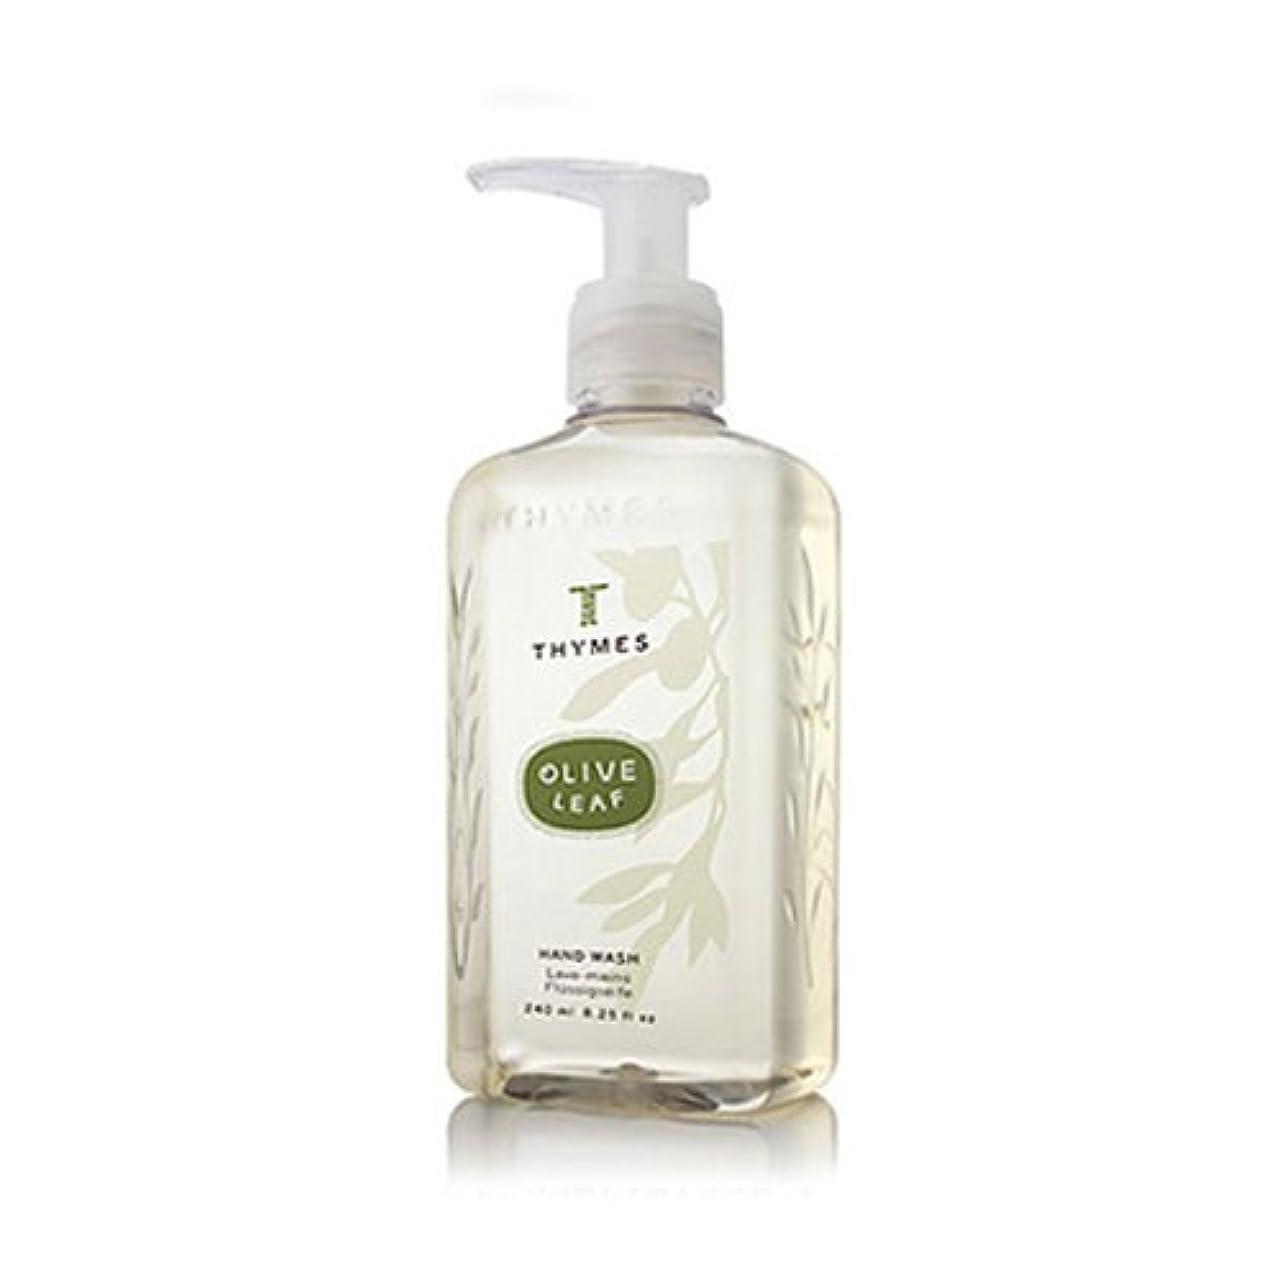 無駄貨物隣接するTHYMES タイムズ ハンドウォッシュ 240ml オリーブリーフ Hand Wash 8.25 fl oz Olive Leaf [並行輸入品]